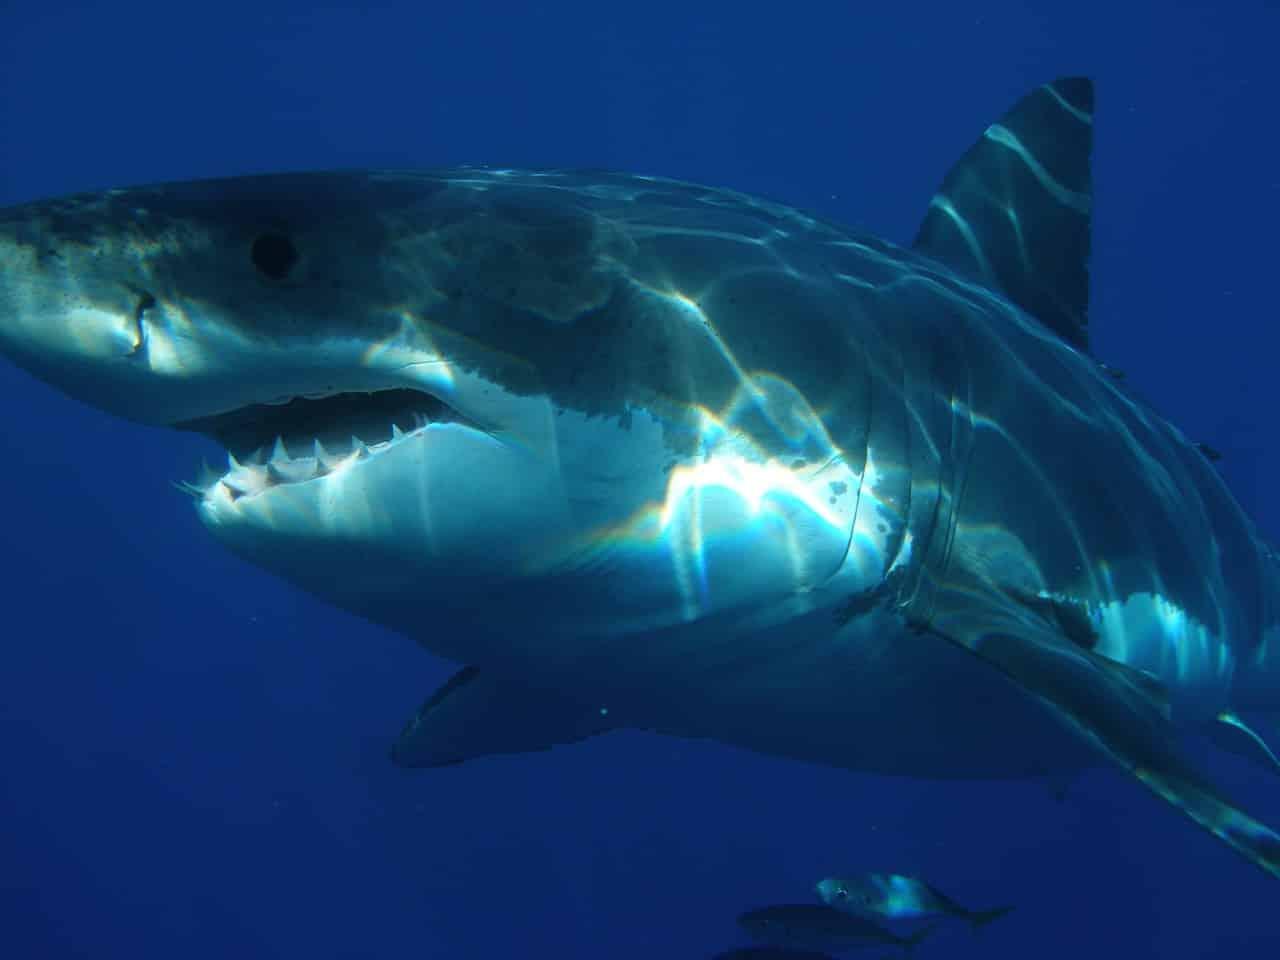 Deux pêcheurs tombent sur un grand requin blanc de plus de 6 m et rentrent bredouille